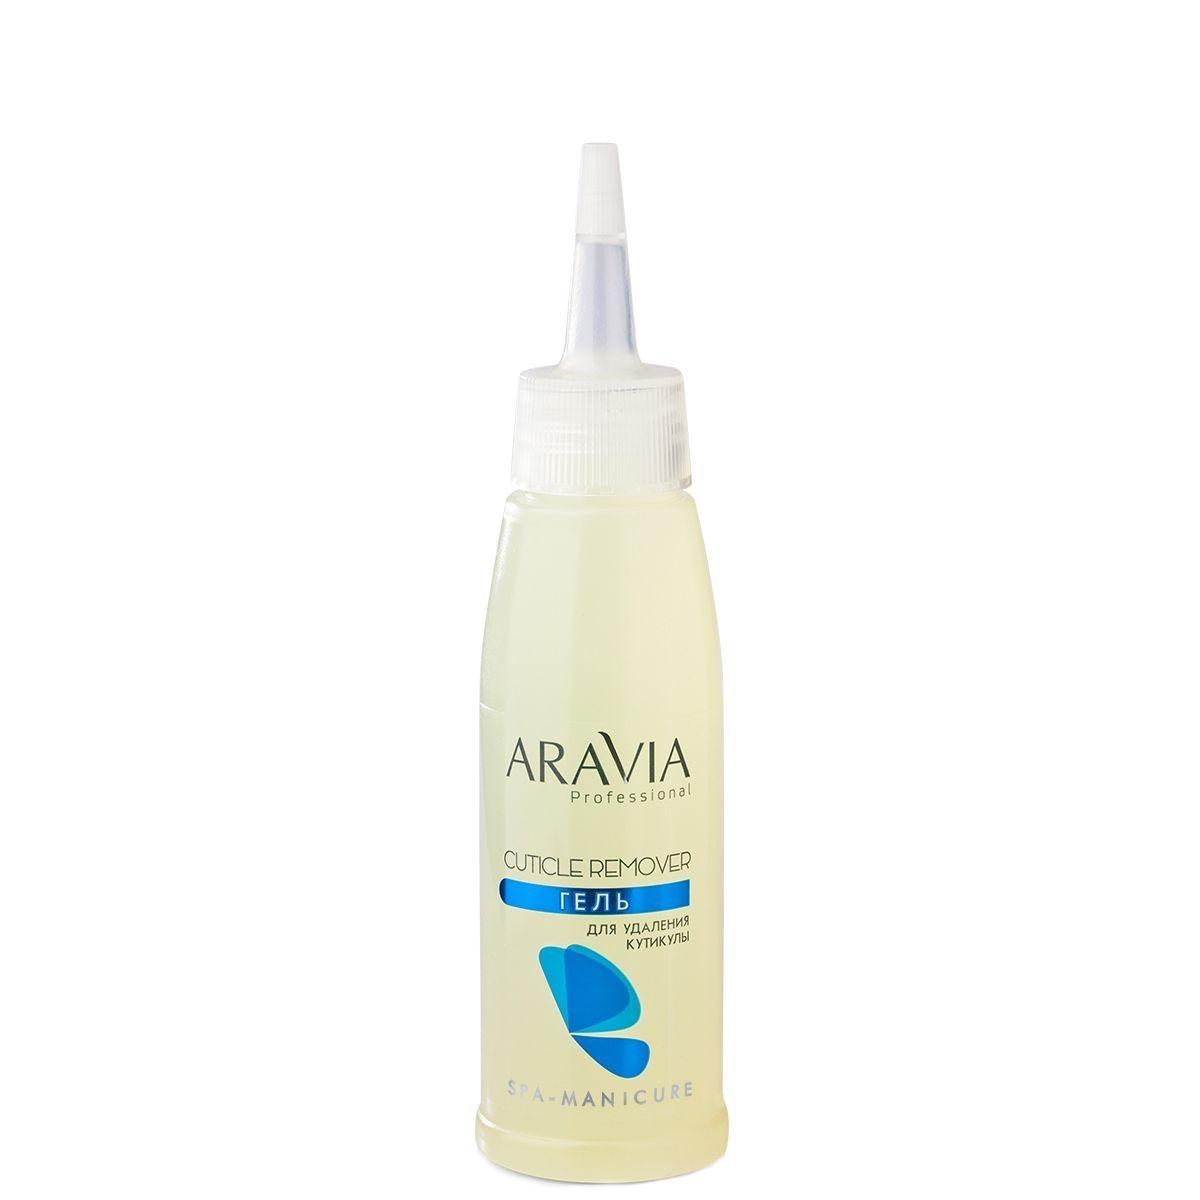 ARAVIA Гель для Удаления Кутикулы Cuticle Remover, 100 мл гель для удаления кутикулы 5 мл morizo manicure line